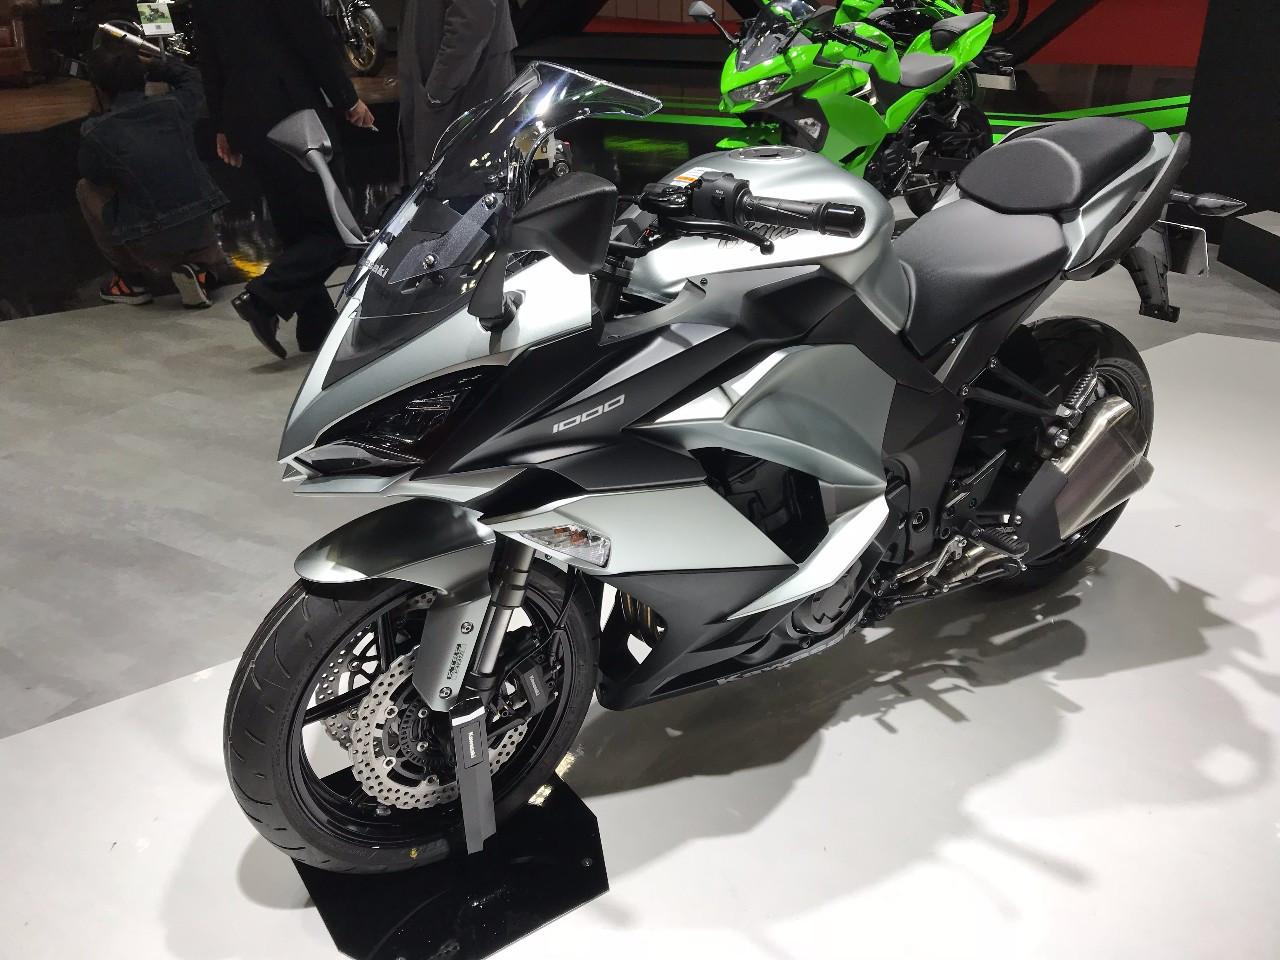 没看这些摩托?那你是看了一个假的东京车展